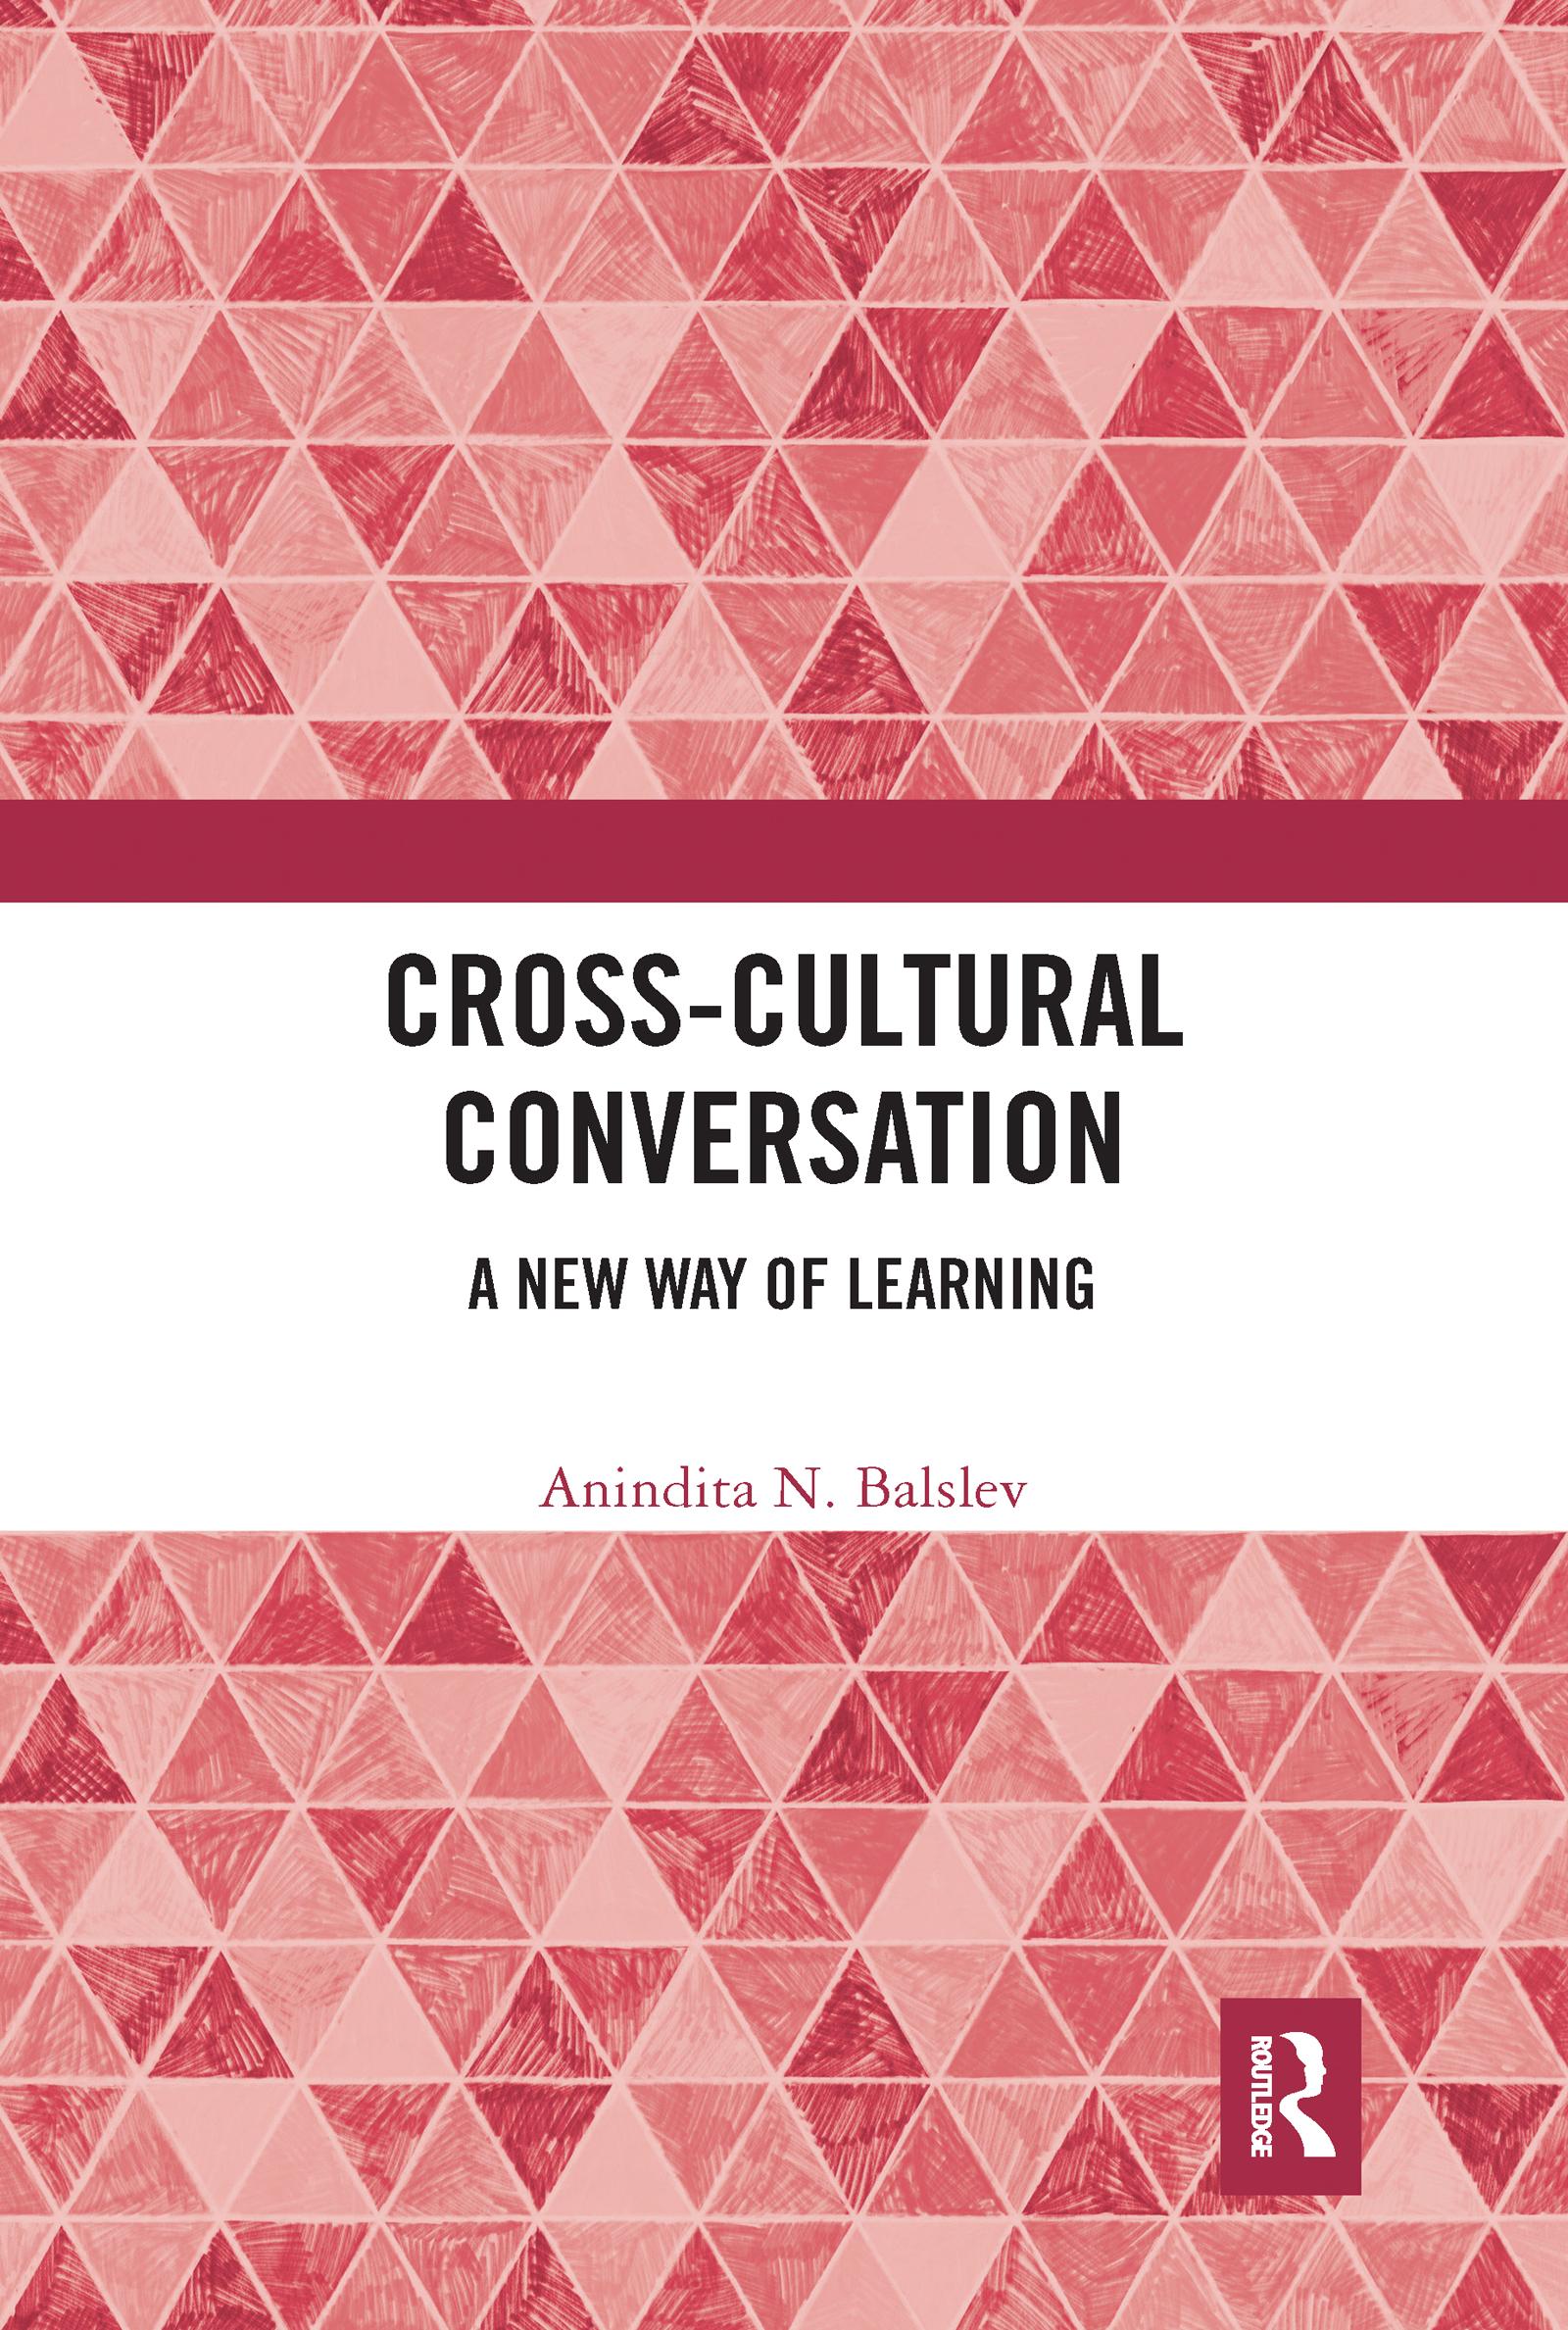 Cross-Cultural Conversation